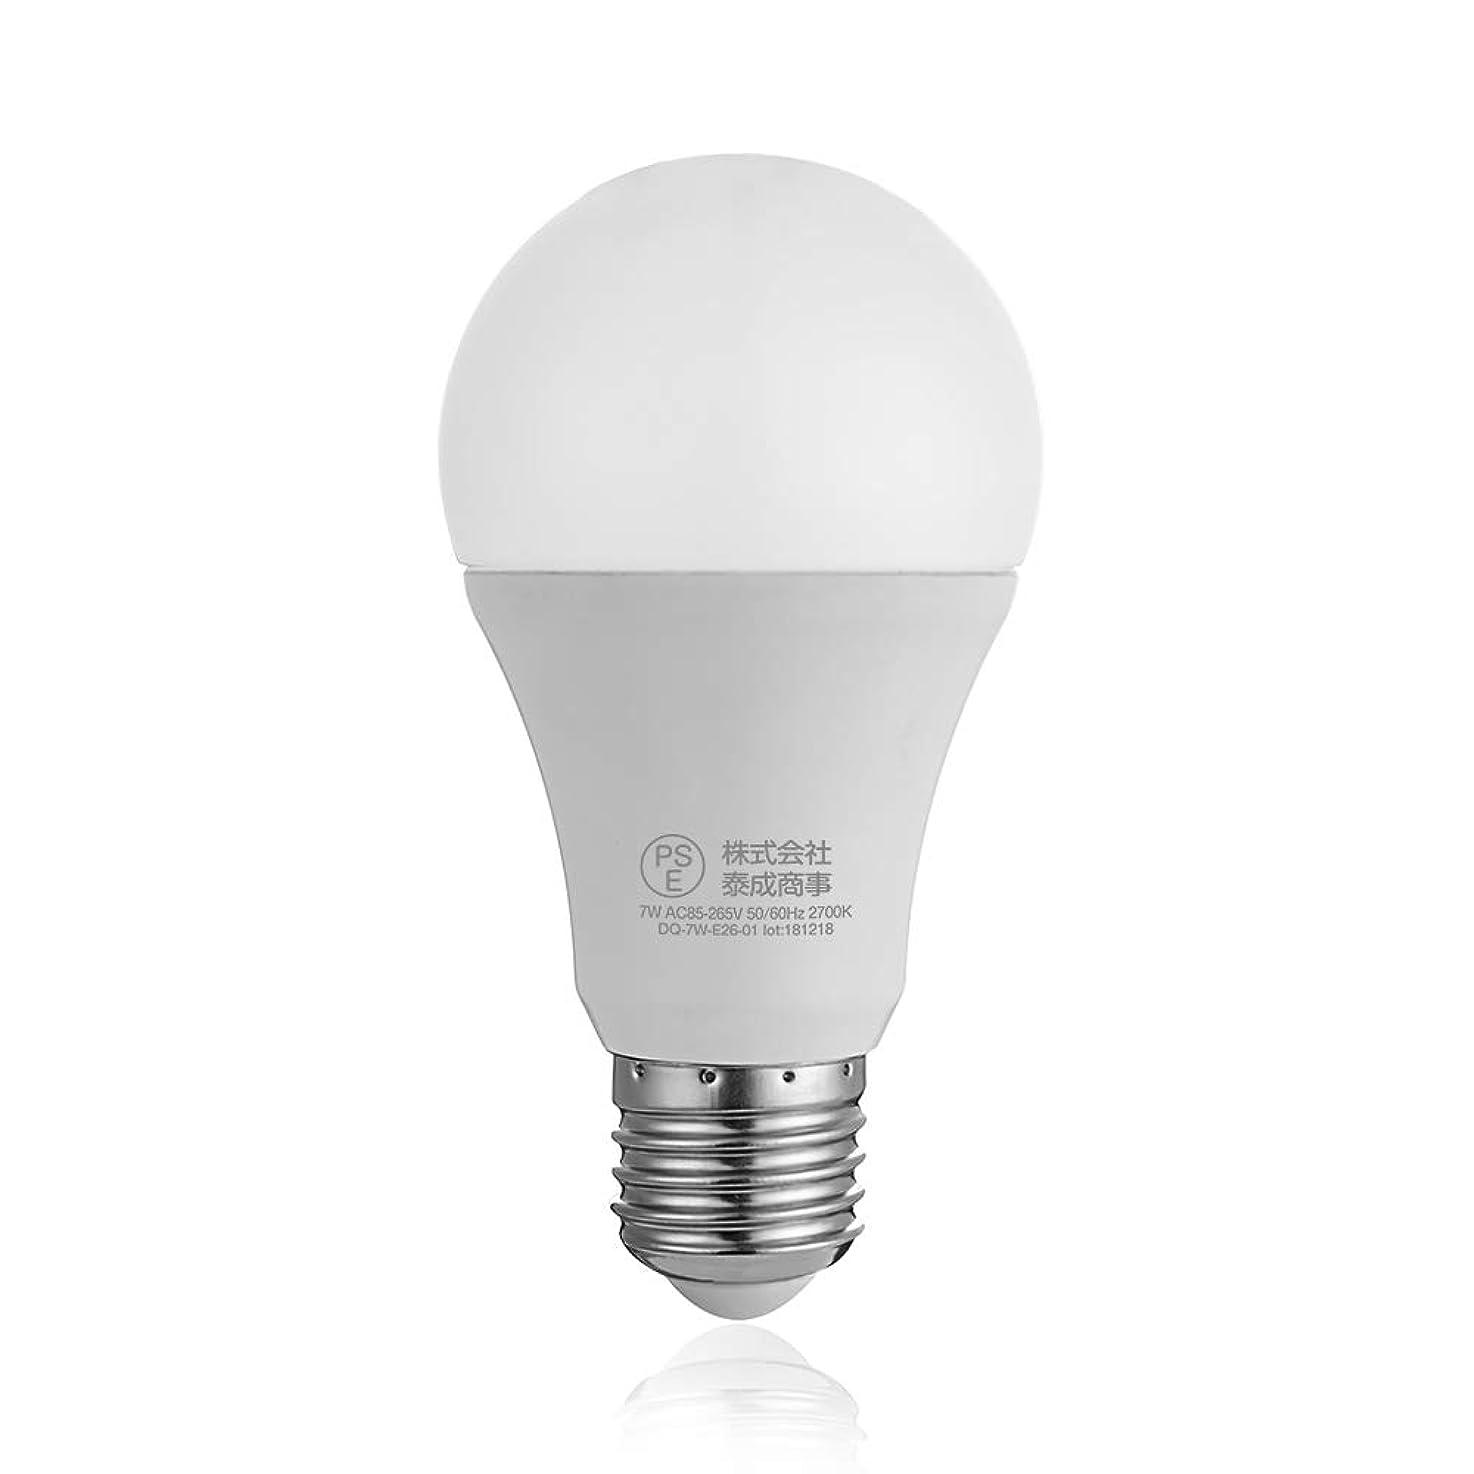 デマンド植物学者製造業LED 電球 センサー e26 明暗センサーライト 50W形相当 電球色 7w 常夜灯 自動点灯&消灯 光センサー